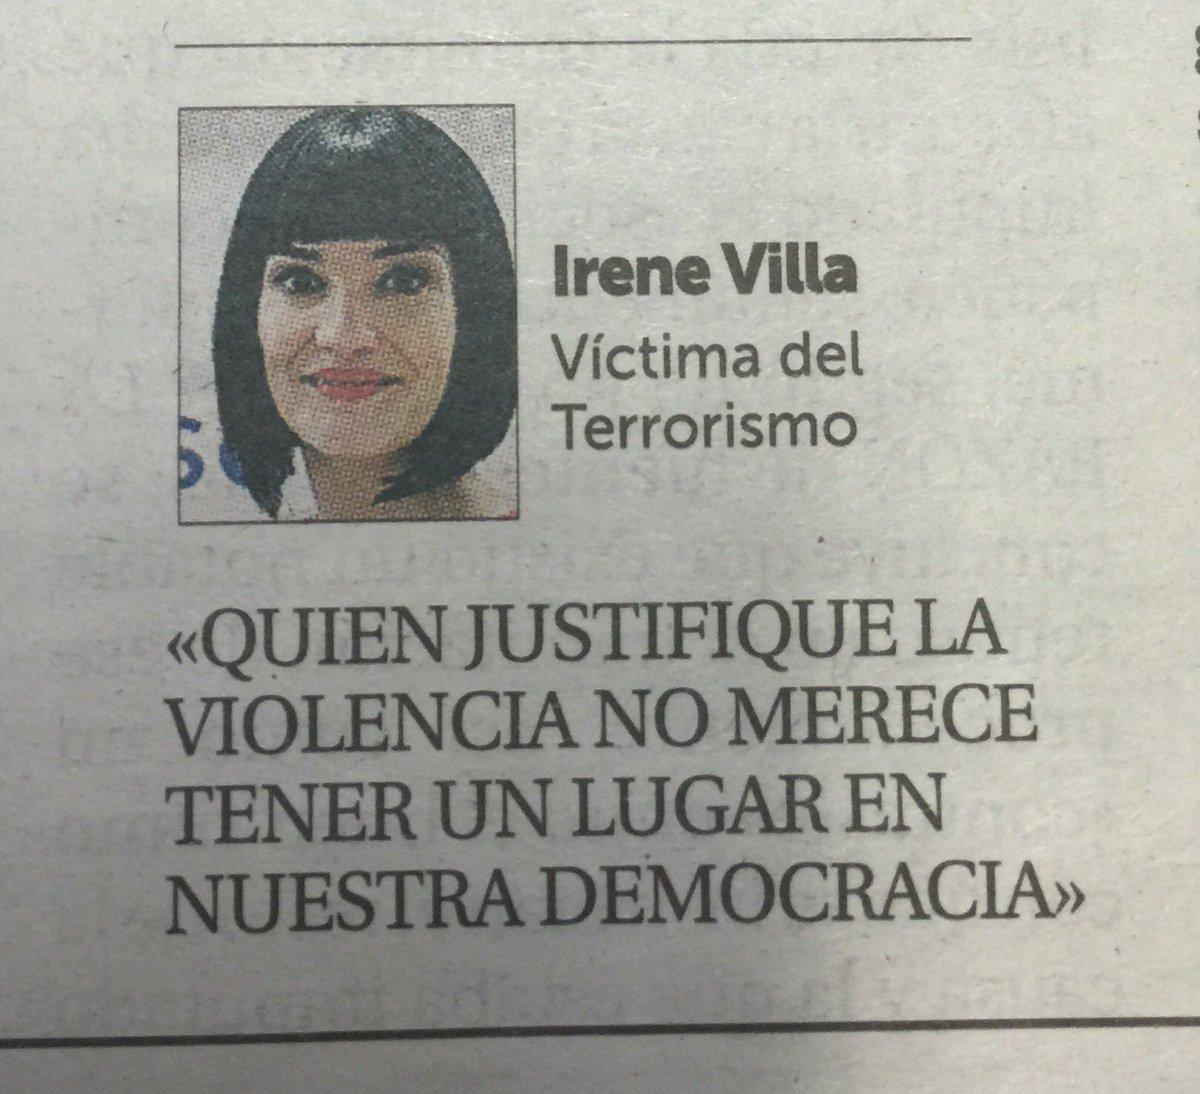 Se puede decir mas alto, pero no mas claro @_IreneVilla_ https://t.co/BOiJGdppnE